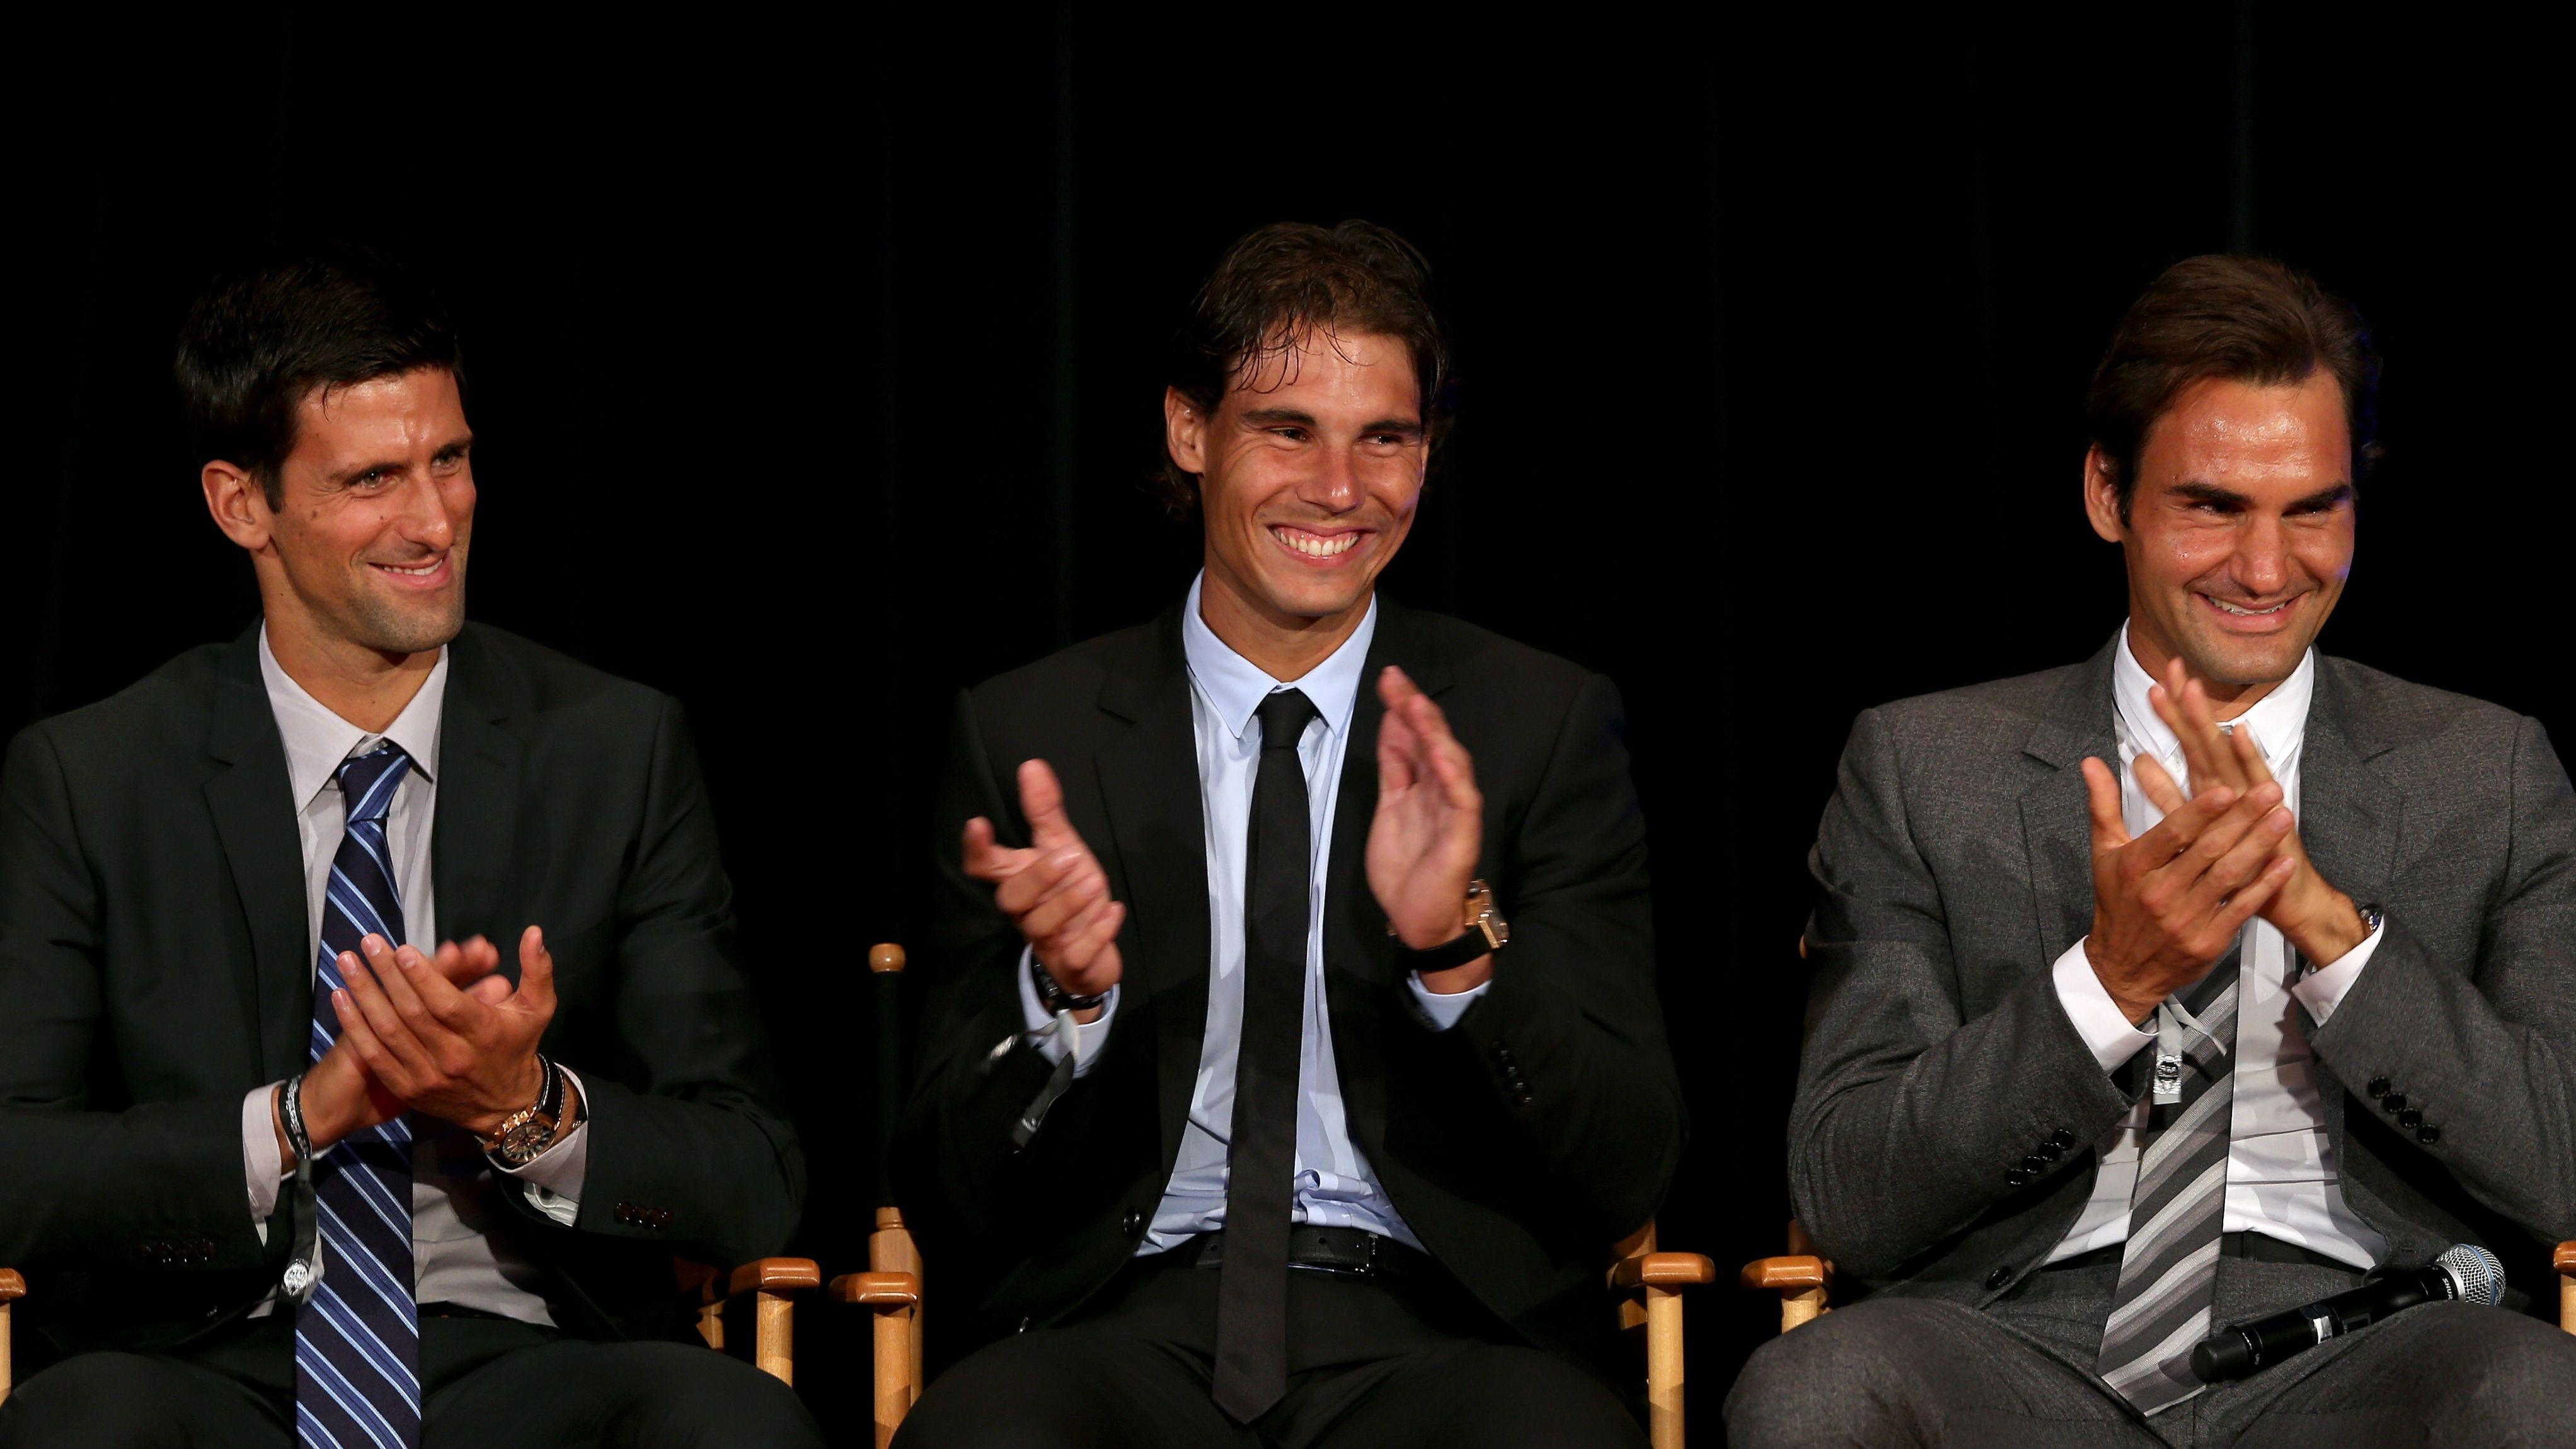 Nadal Vs Djokovic Australian Open Final Has Goat Implications Sports Illustrated Nadal Vs Djokovic Australian O Federer Nadal Roger Federer Novak Djokovic